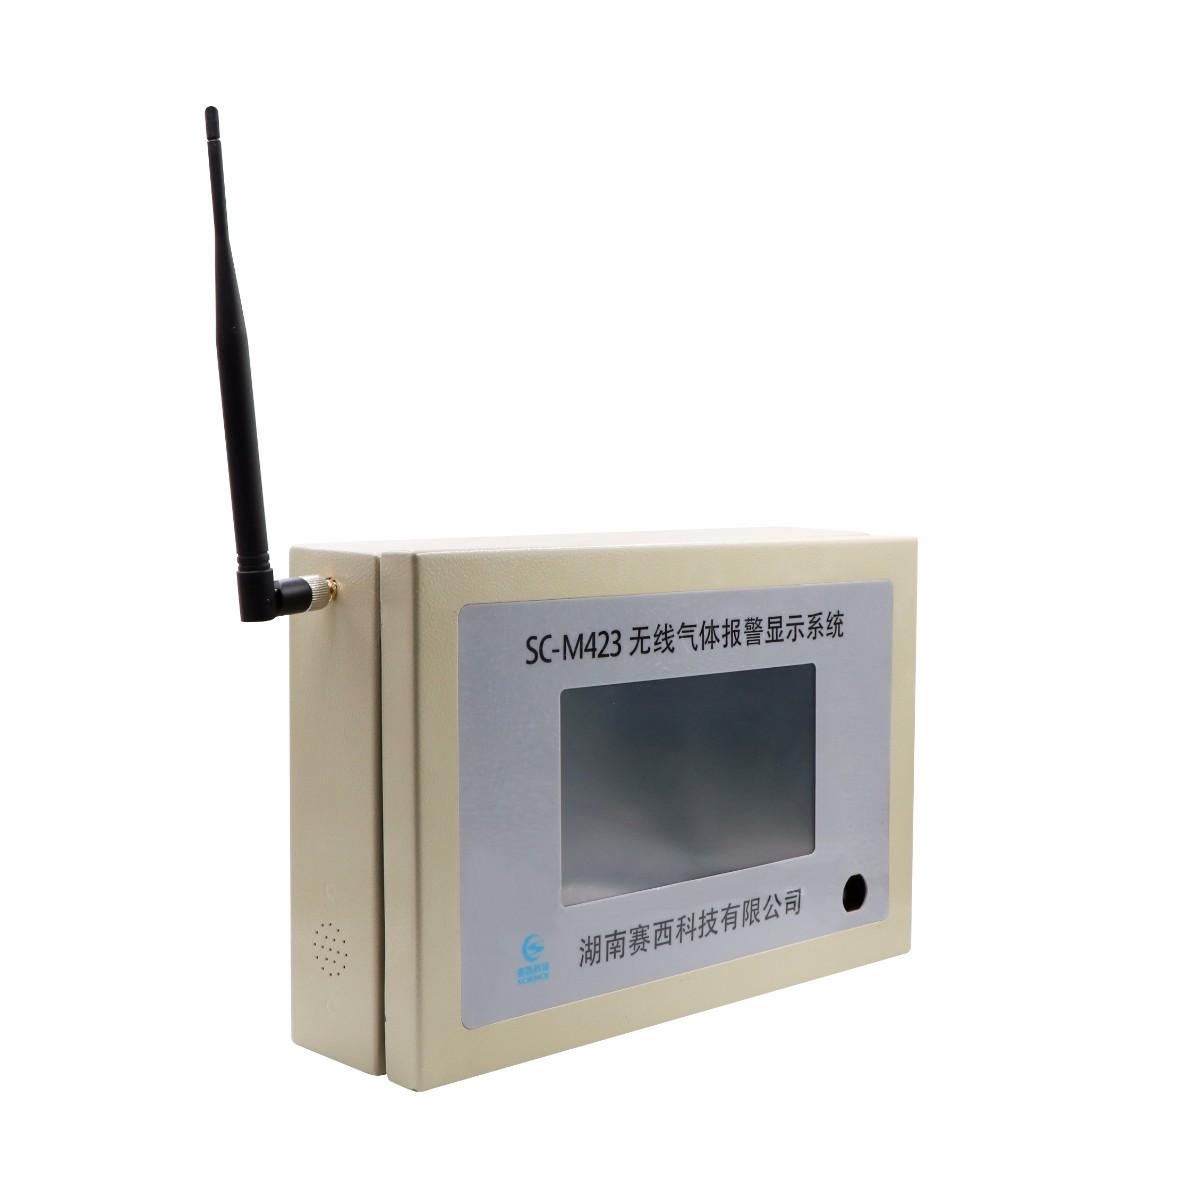 可燃气体报警器SC-M423无线气体报警显示平台